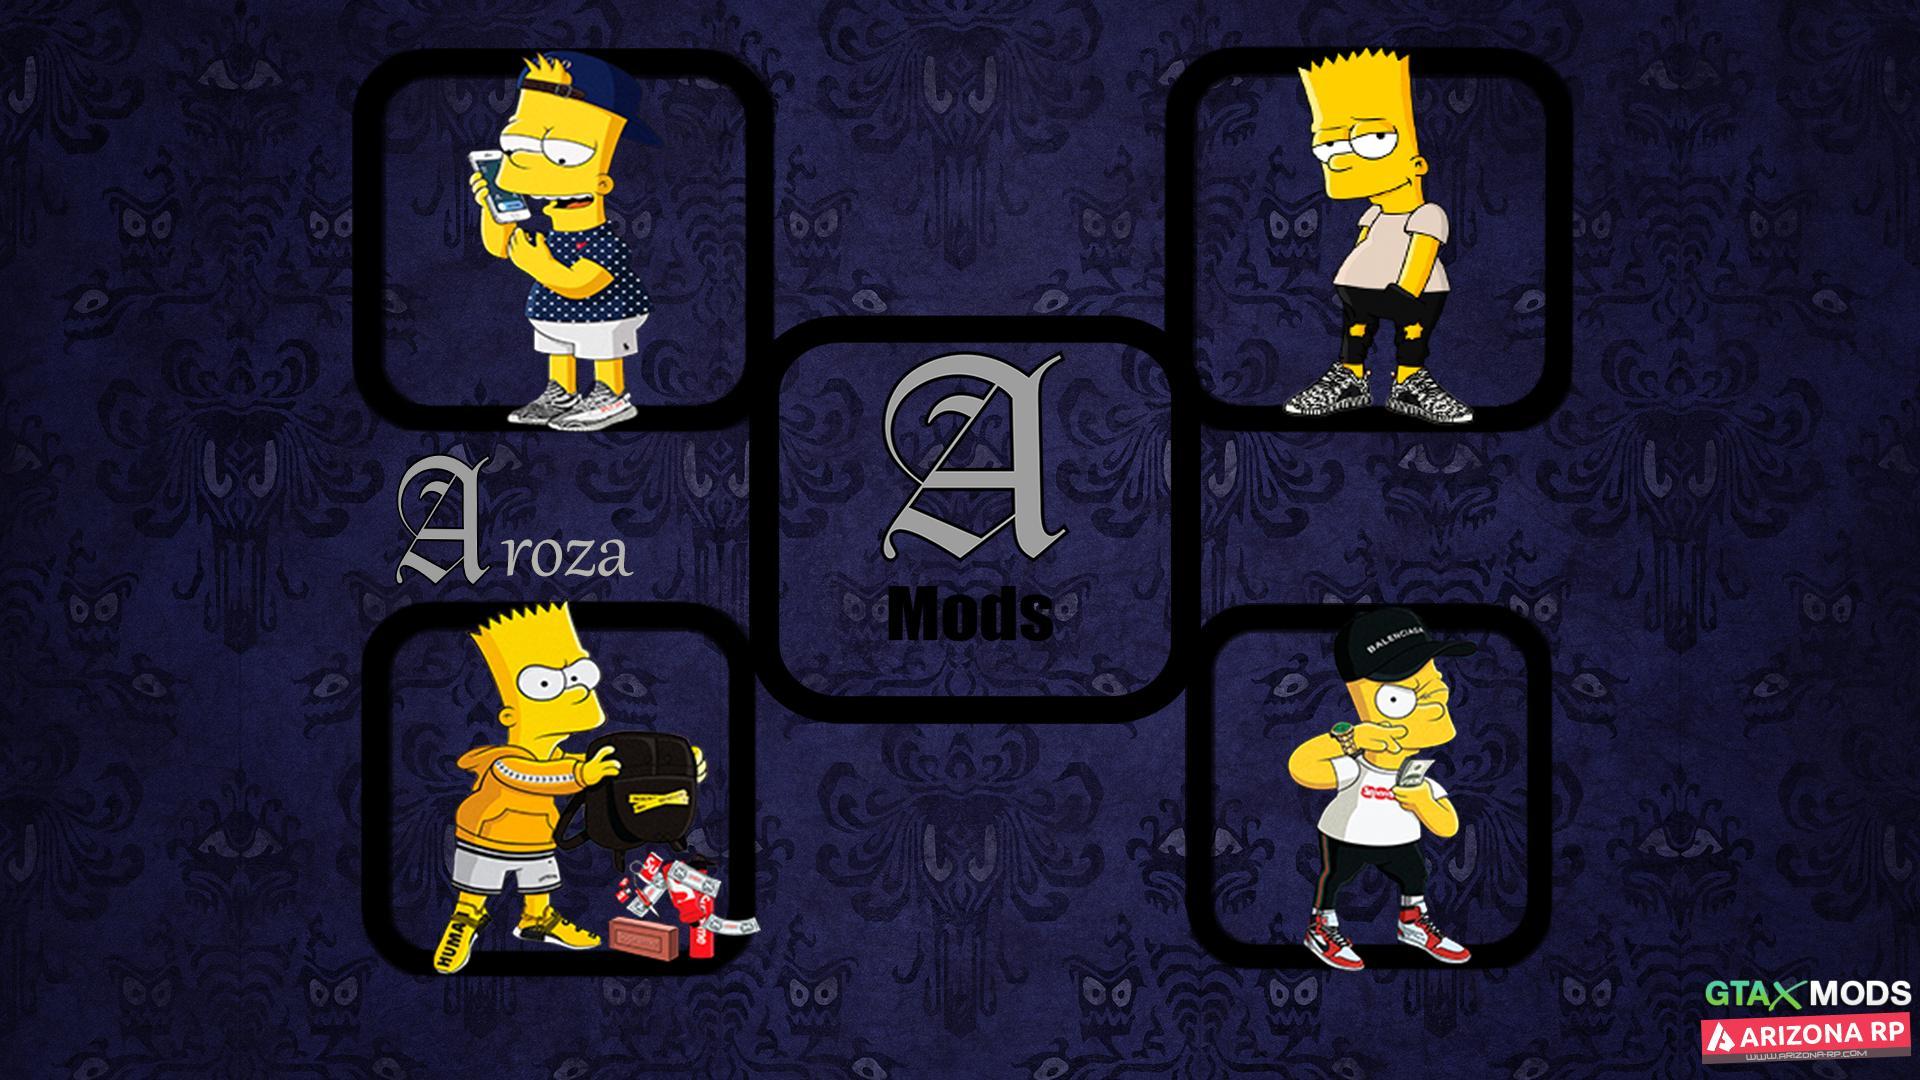 ArozaFists | Bart